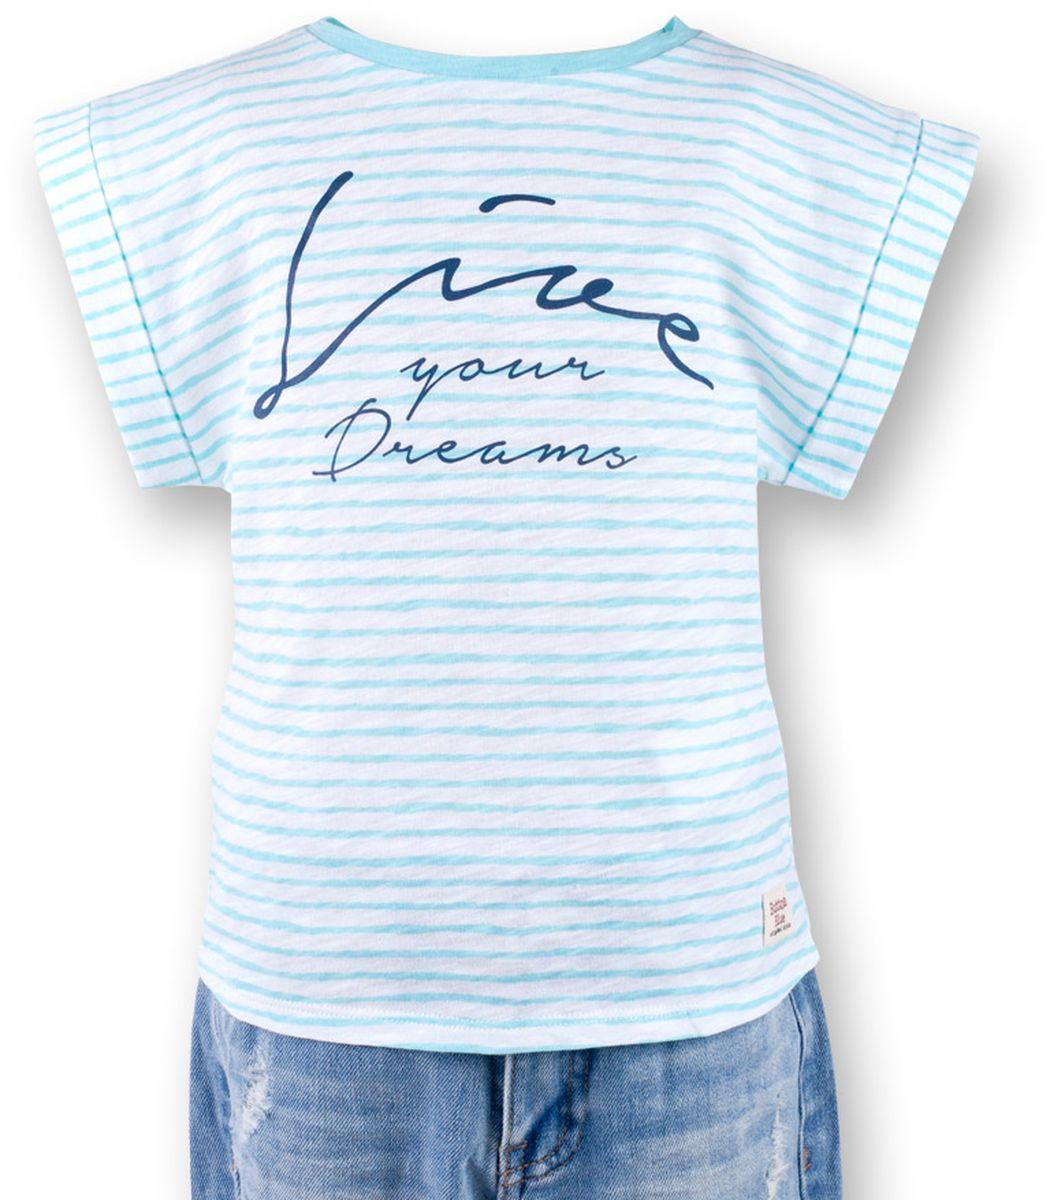 Футболка для девочки Button Blue Main, цвет: ментоловый. 117BBGC12022605. Размер 134, 9 лет117BBGC12022605Полосатая футболка - не только базовая вещь в гардеробе ребенка, но и залог хорошего летнего настроения. Если вы решили купить футболку для девочки, выберете модель футболки в полоску с оригинальным принтом, и ваш ребенок будет доволен.